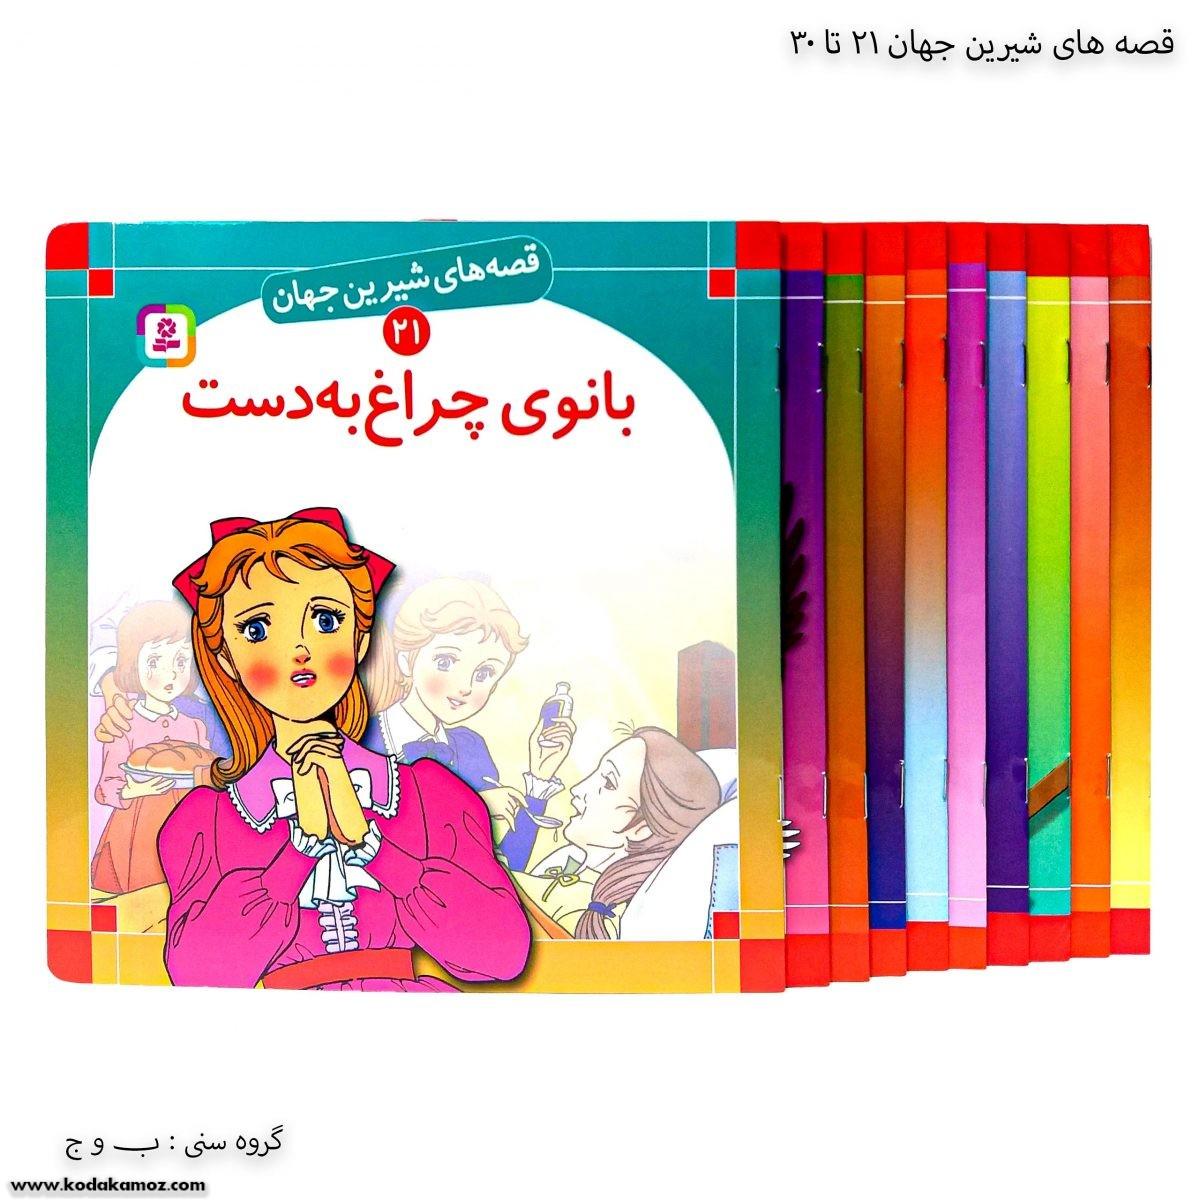 سری کتاب قصه های شیرین جهان 21 تا 30